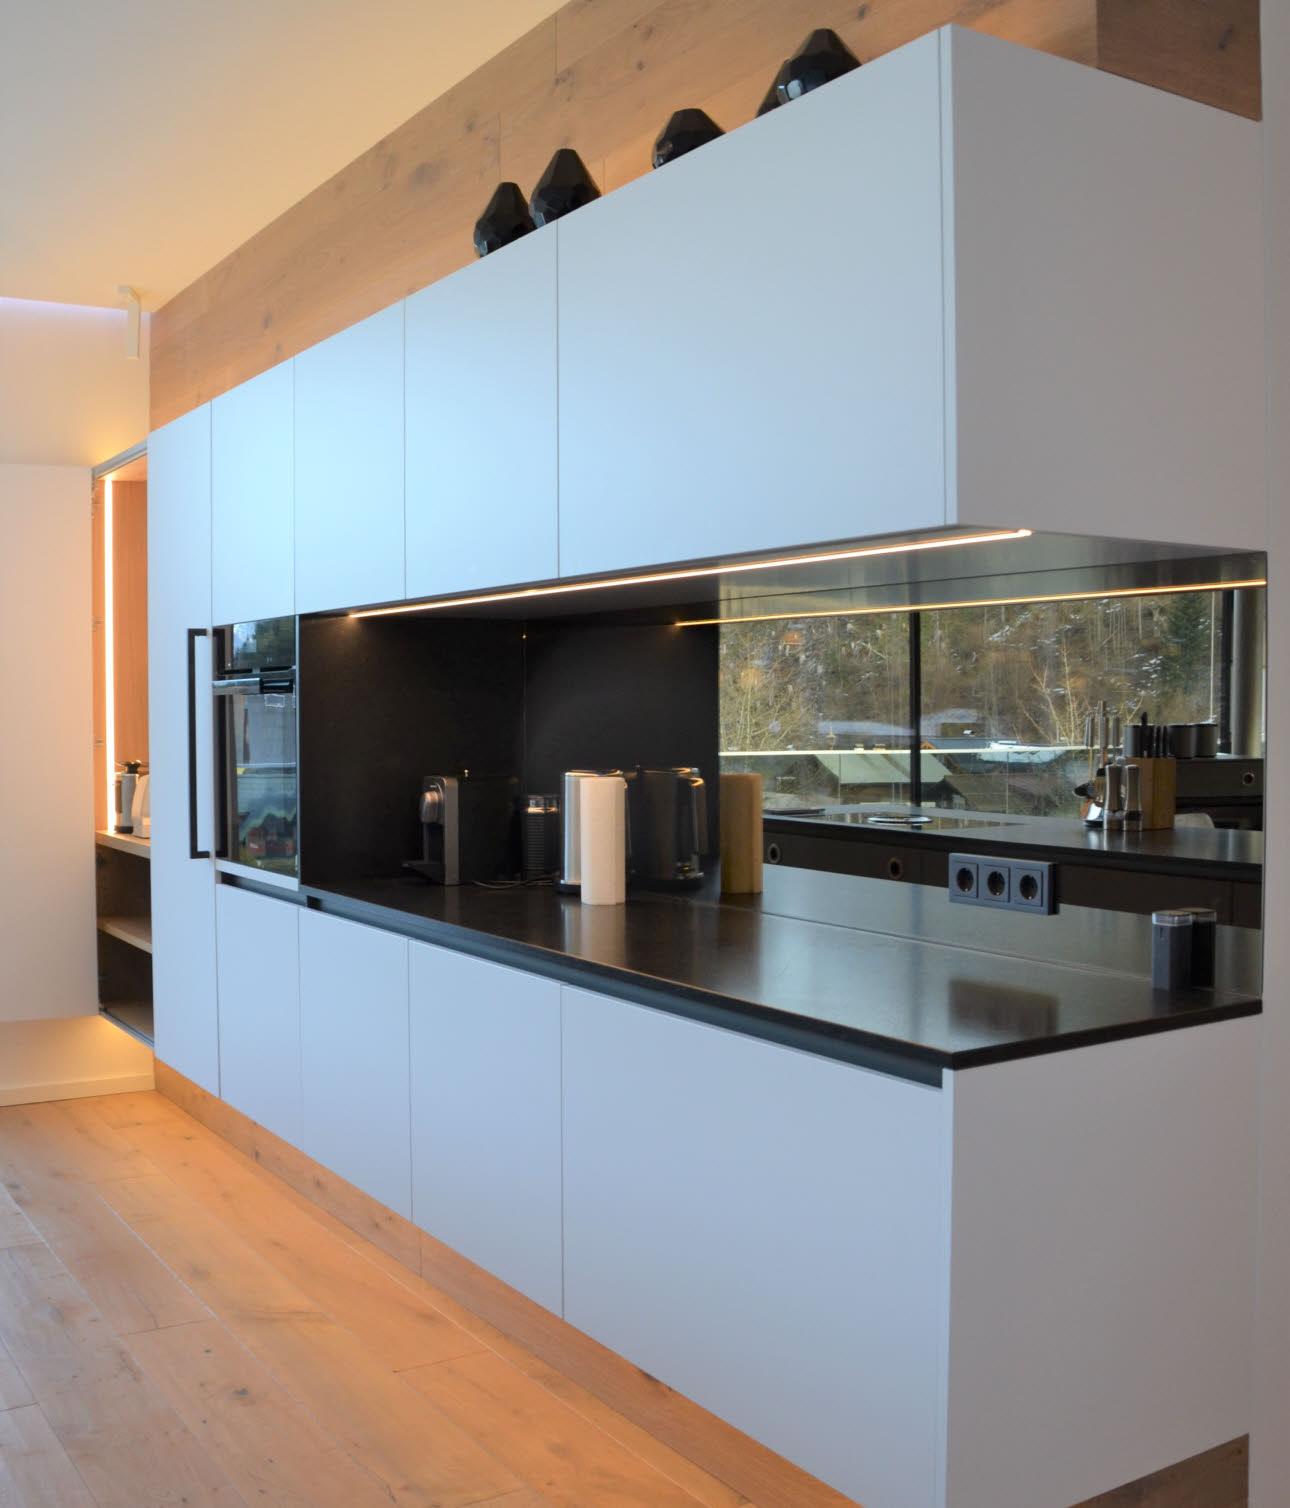 Berühmt Boden Küche Fotos - Innenarchitektur-Kollektion - seomx.info